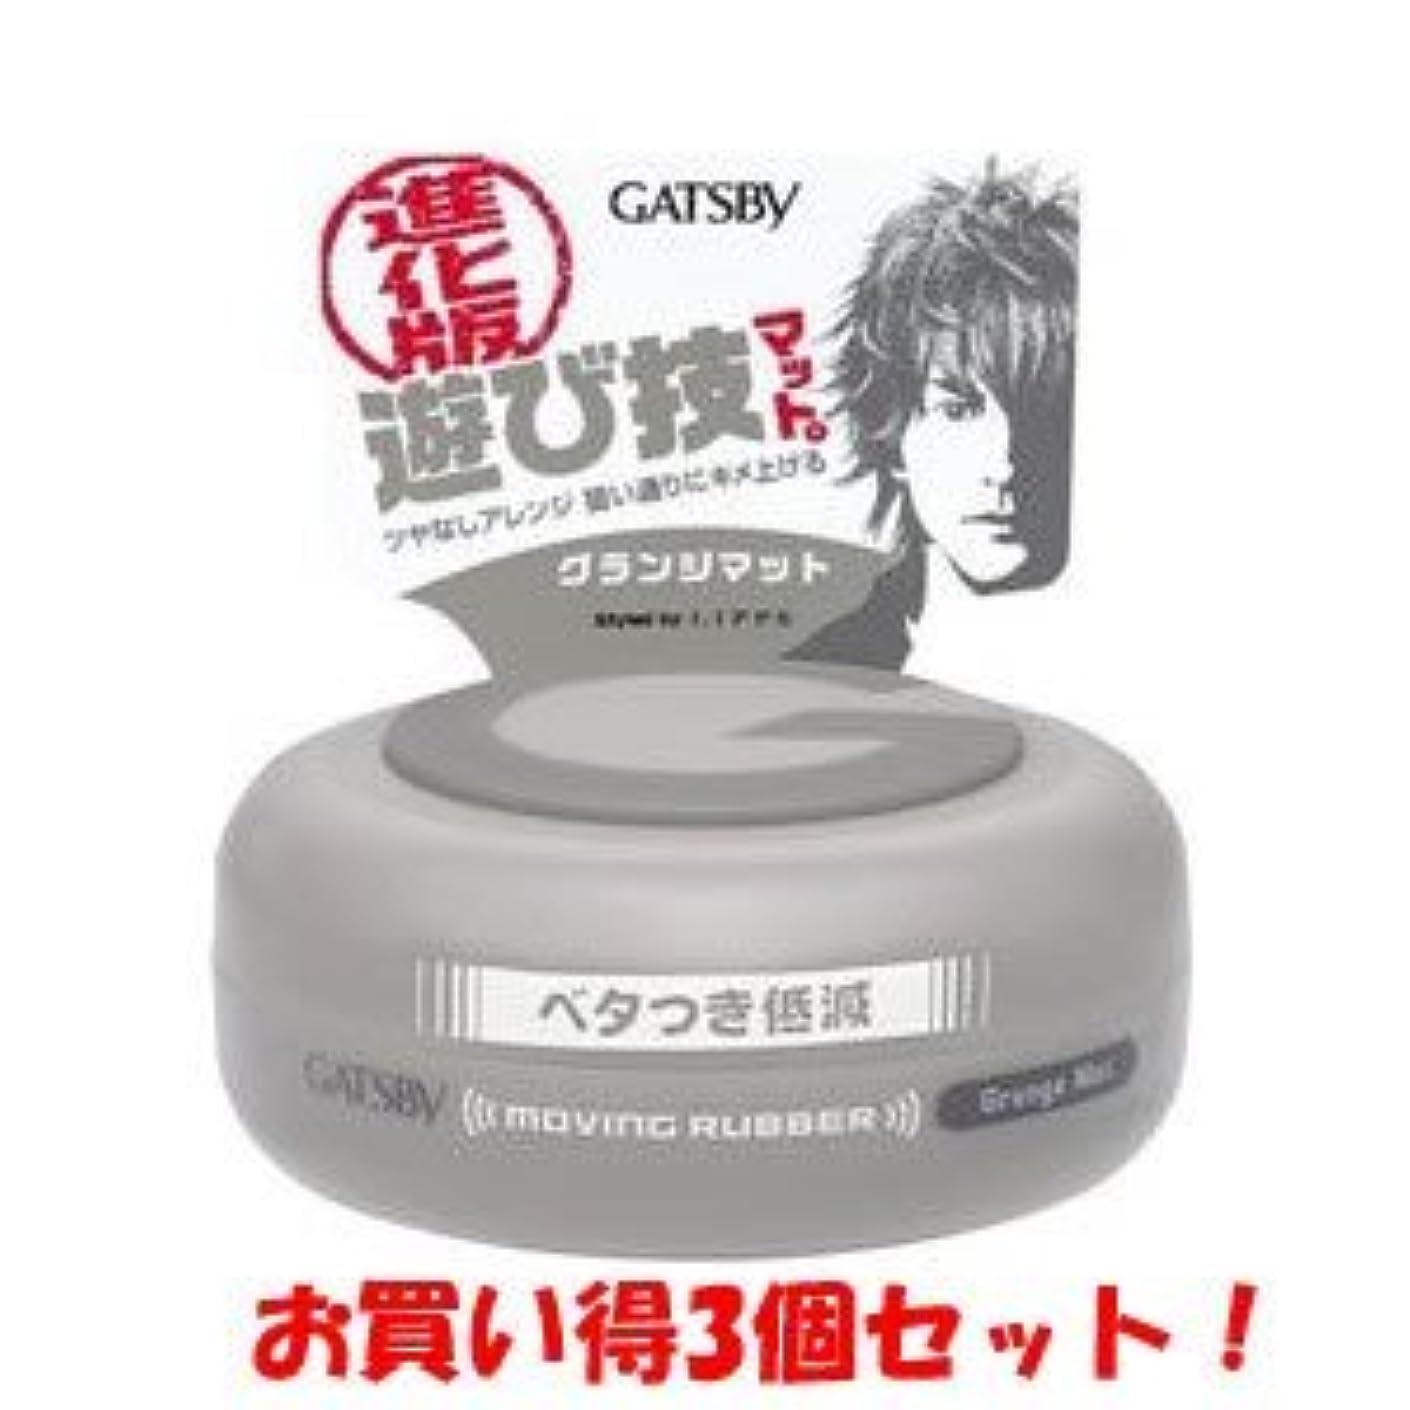 ギャツビー【GATSBY】ムービングラバー グランジマット80g(お買い得3個セット)